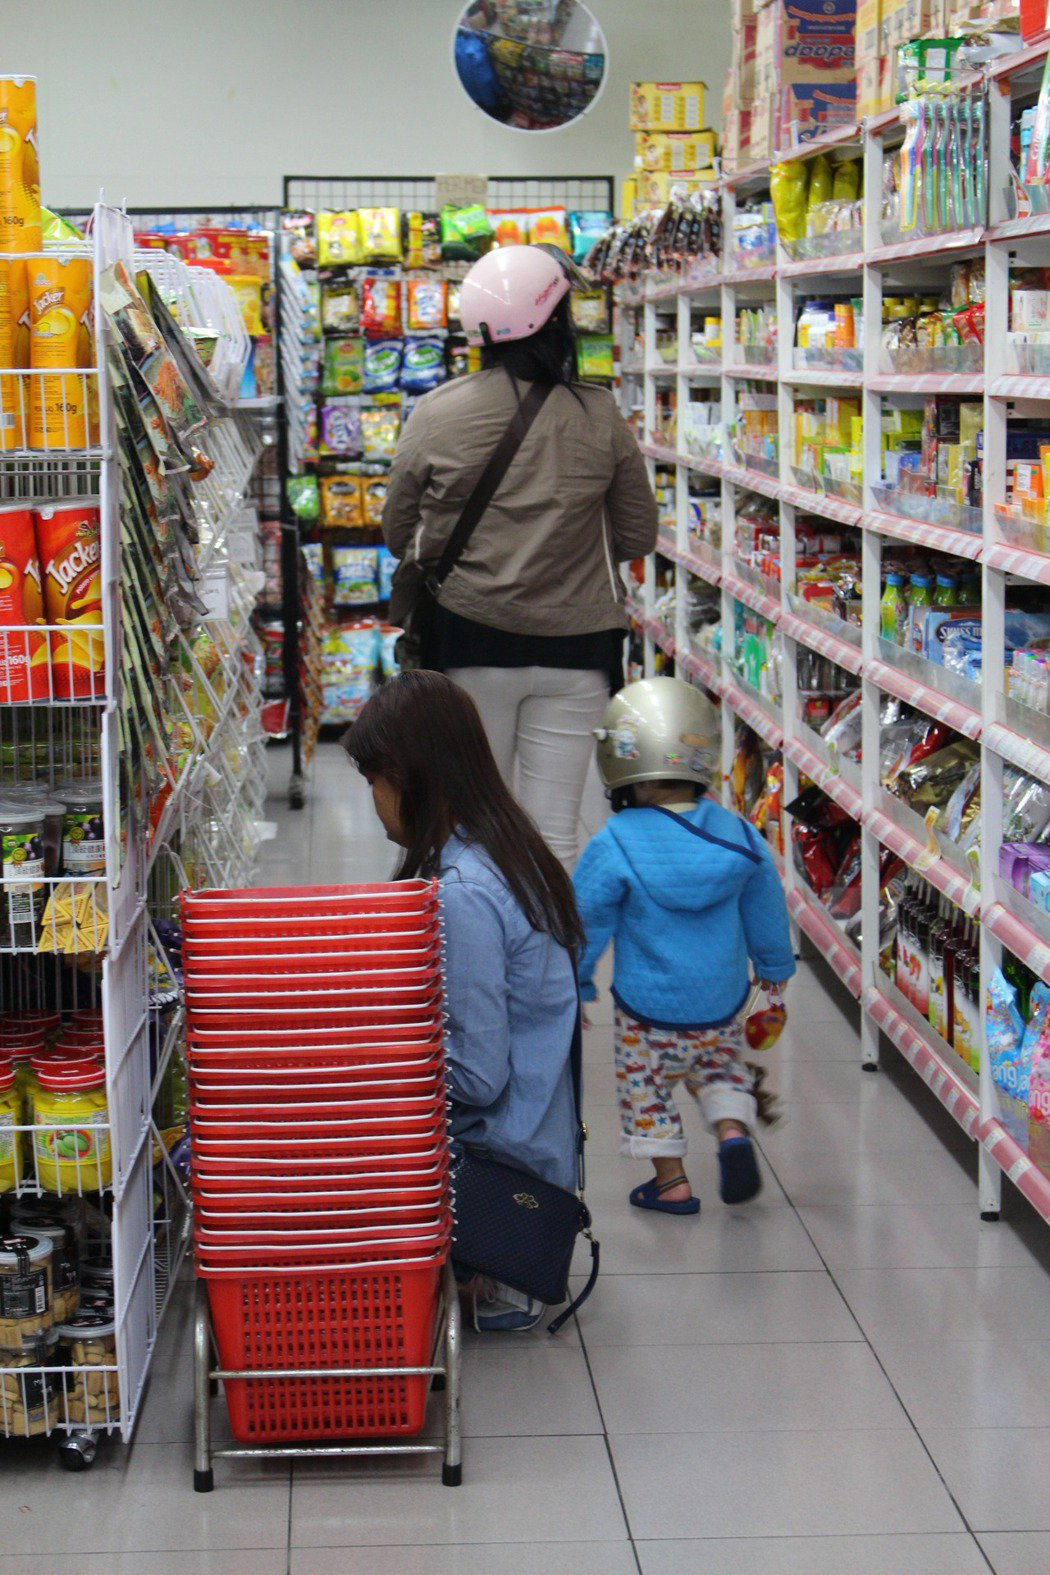 最深入移工界的東南亞商店,應設法納入防疫宣導和關懷據點。 圖/聯合報系資料照片